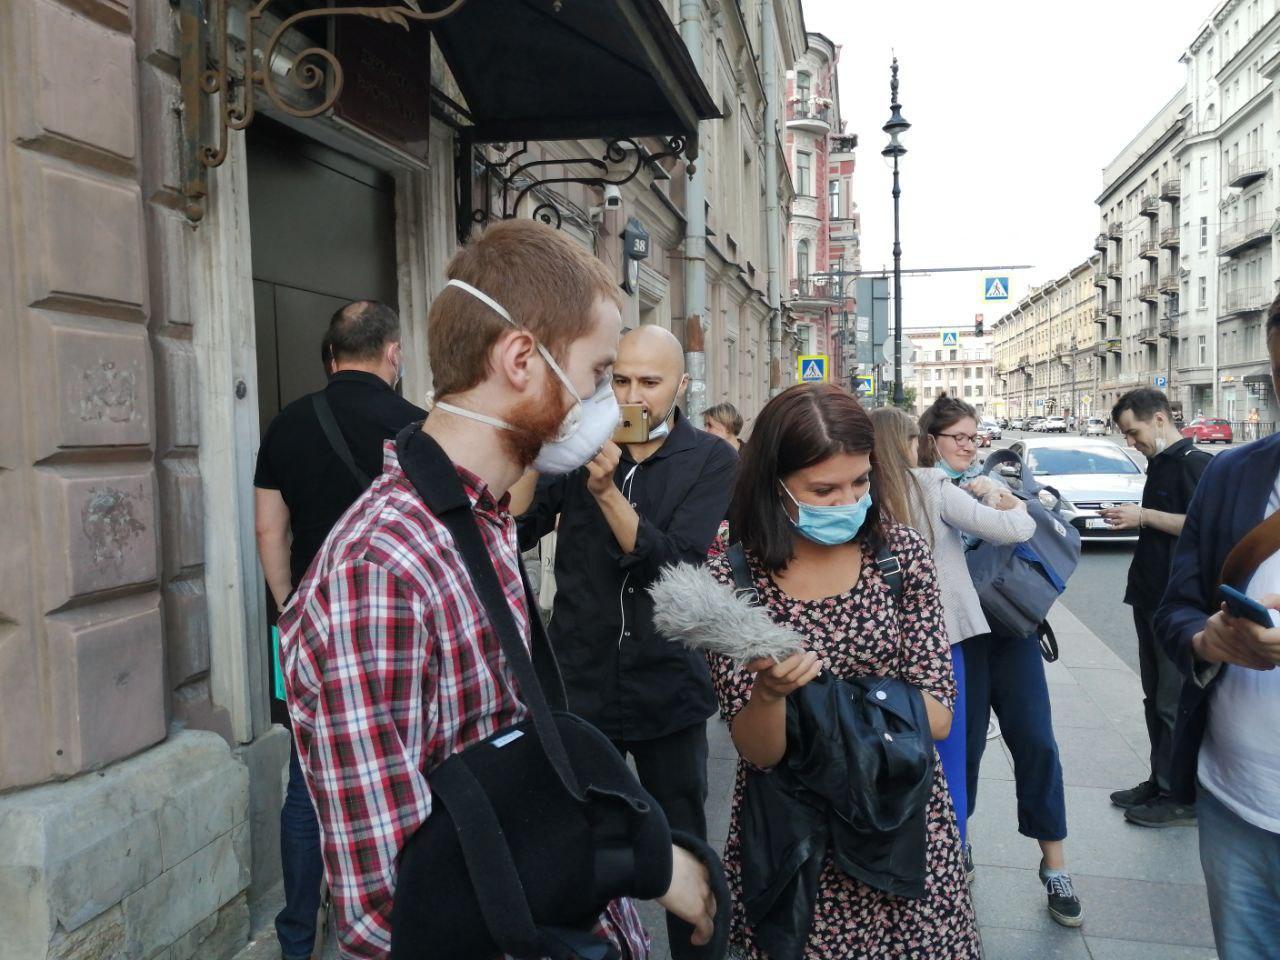 фото ЗакС политика Журналиста Френкеля оштрафовали после того, как ему сломали плечо на избирательном участке